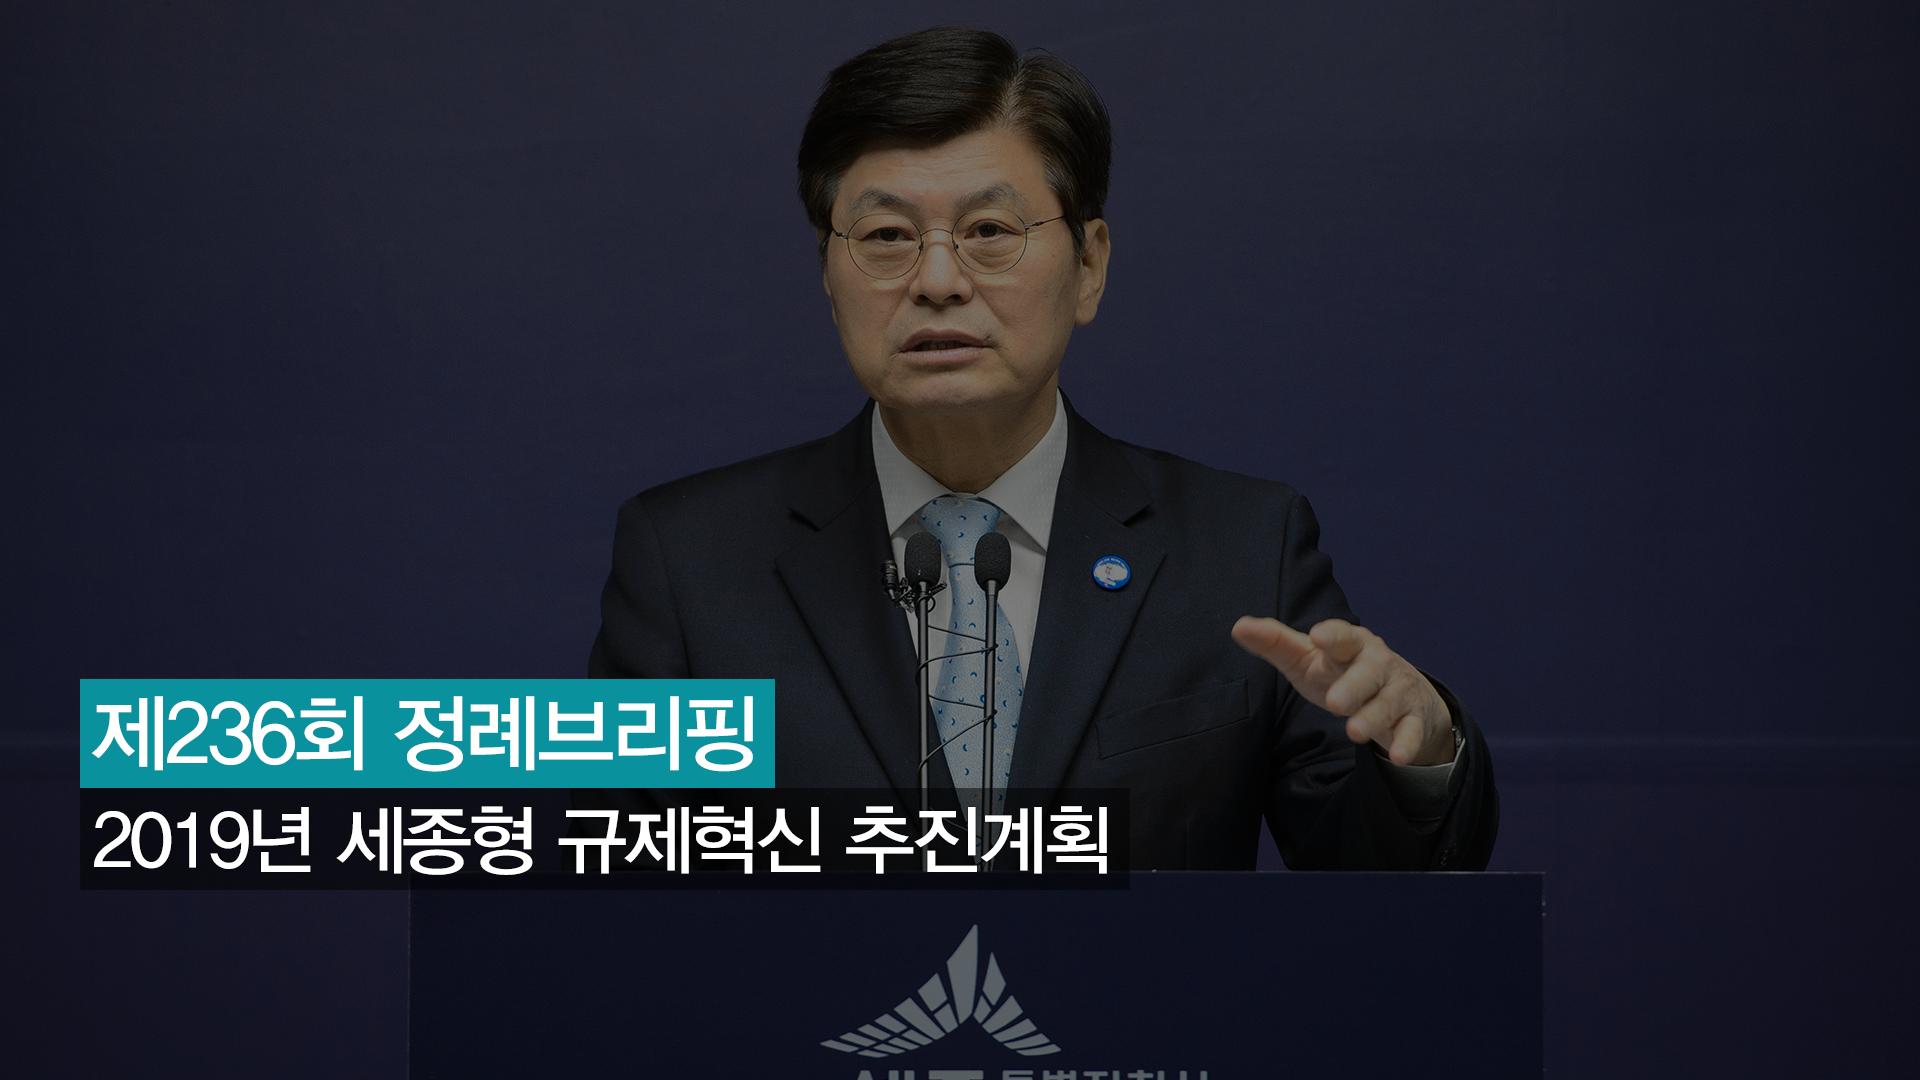 <236번째 정례브리핑> 2019년 세종형 규제혁신 추진계획